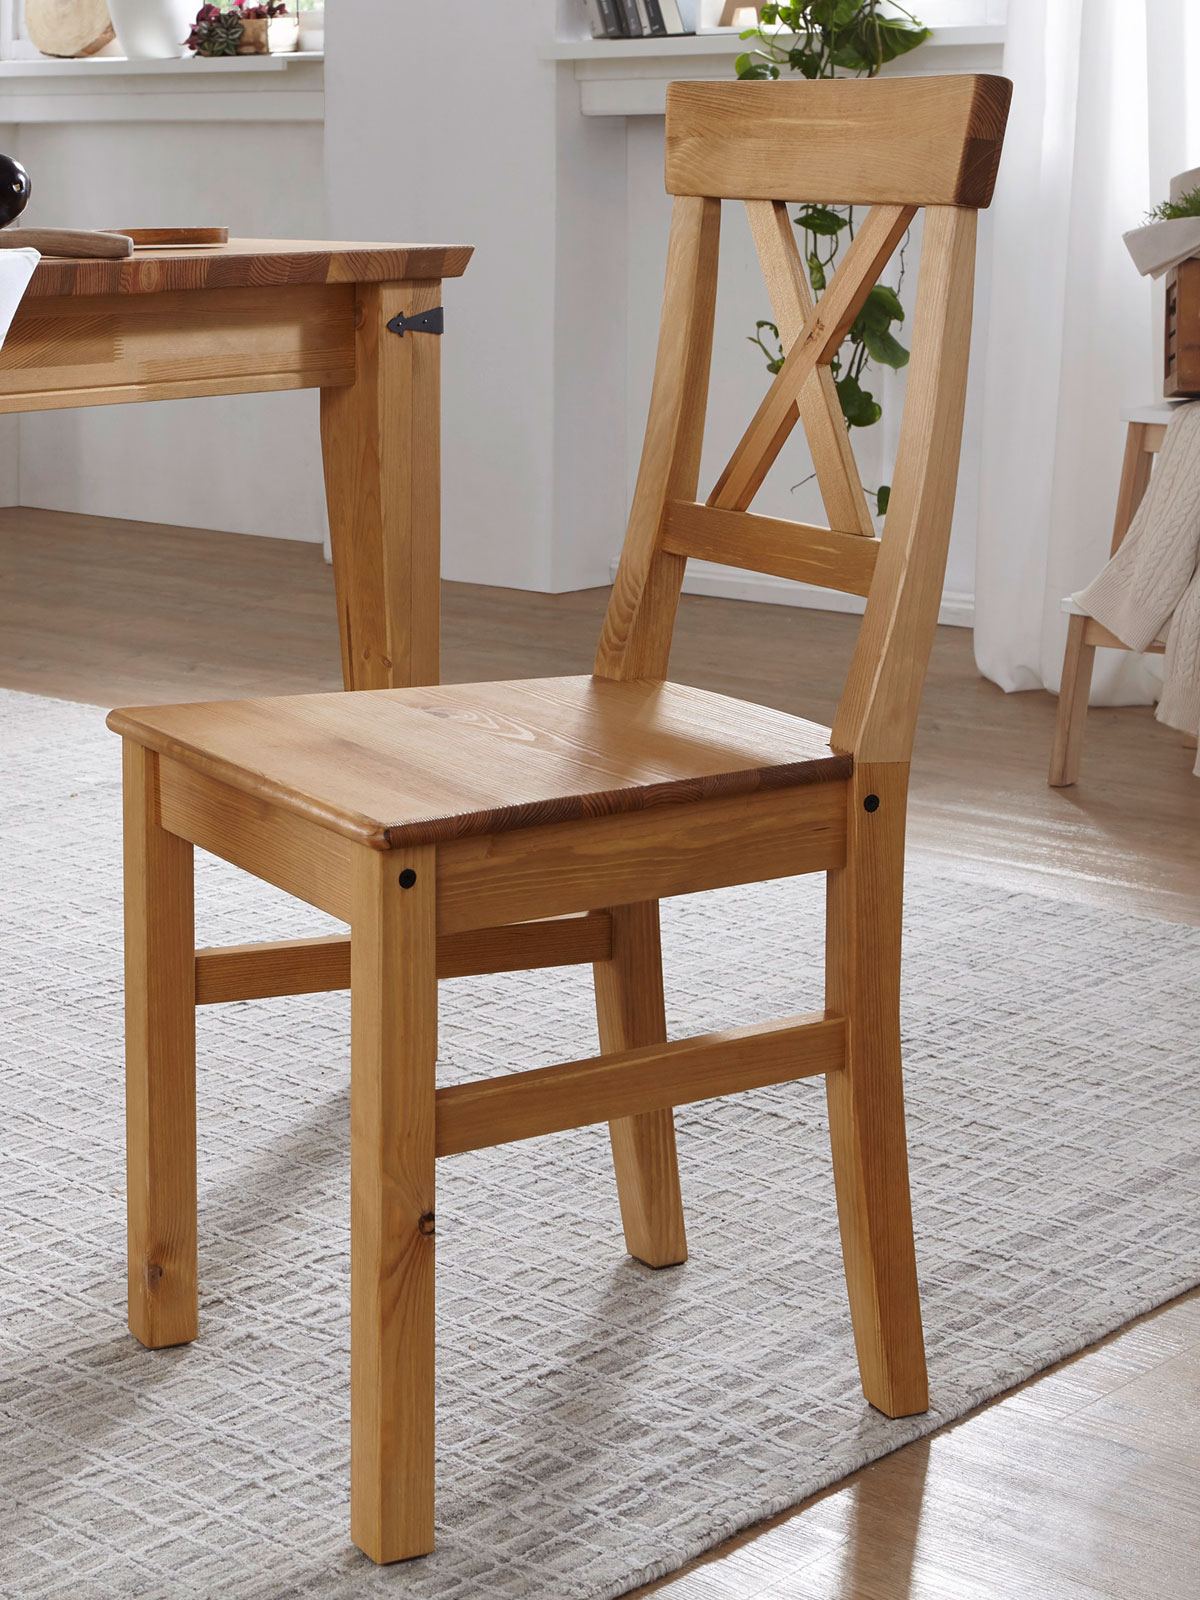 Stühle Esszimmerstühle Stuhl Esszimmerstuhl Armlehner